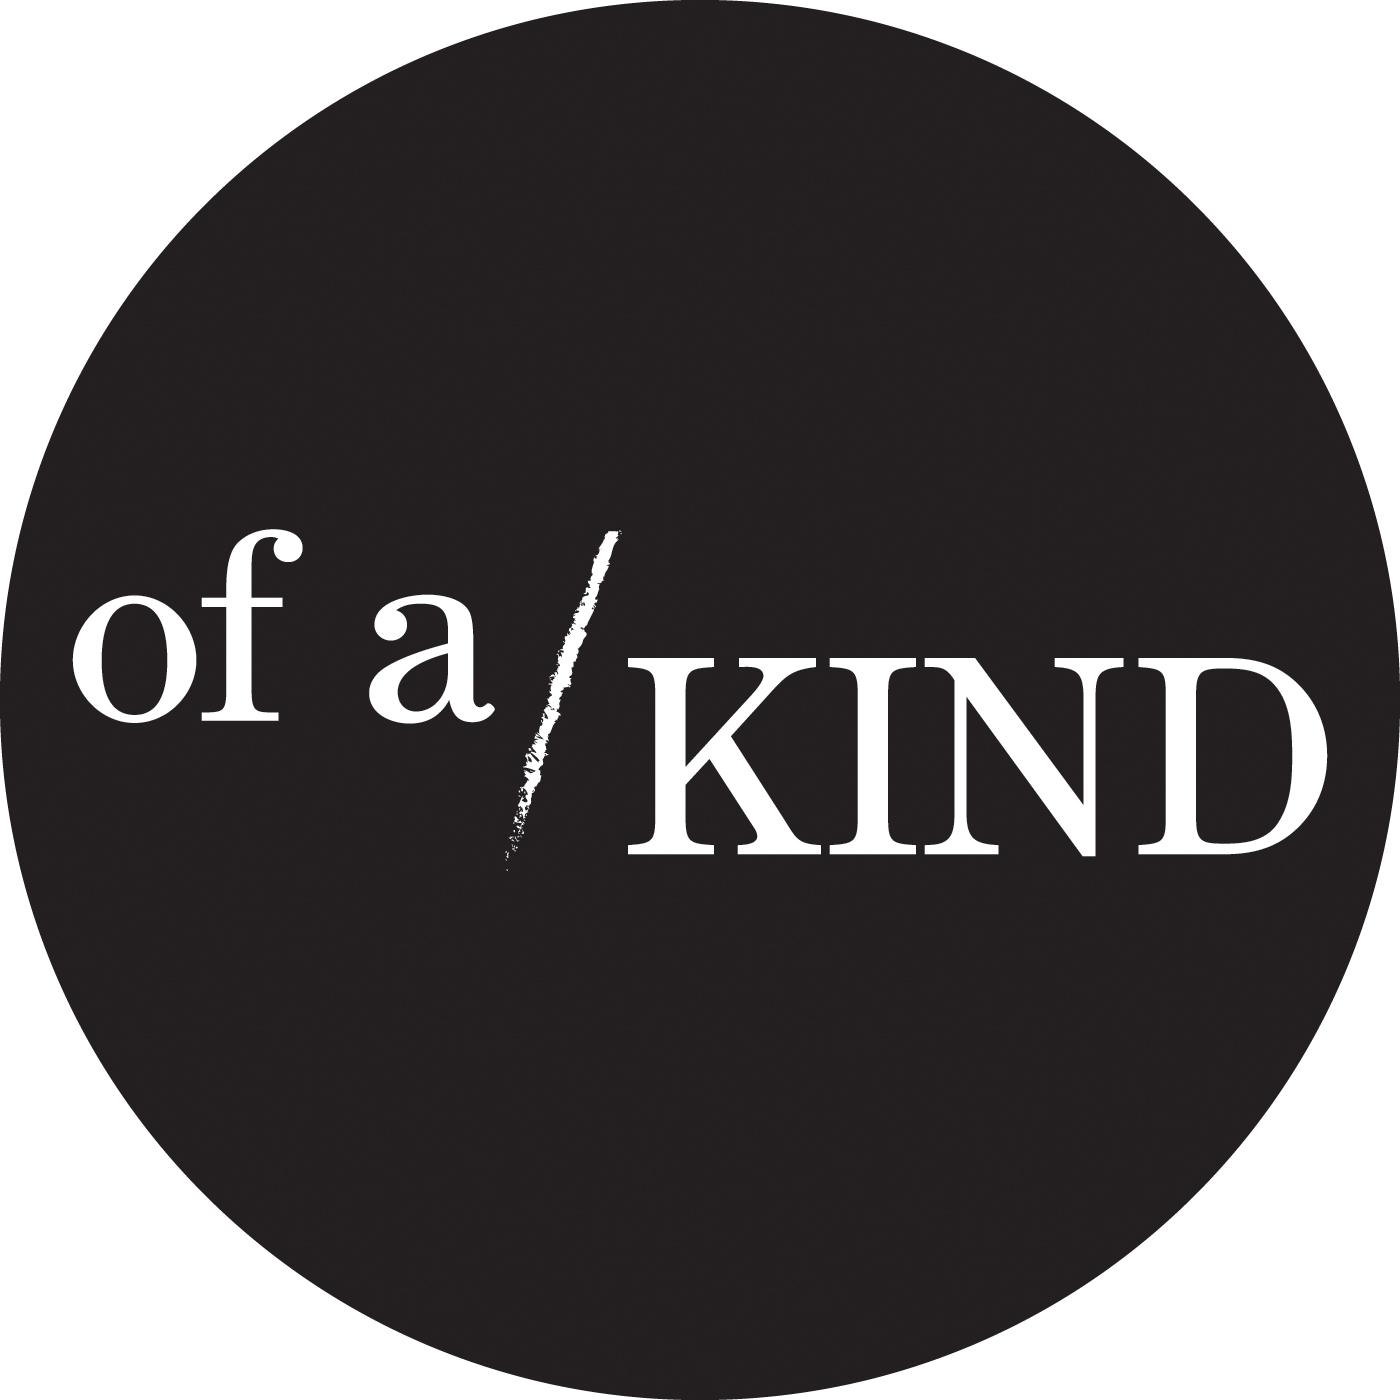 Ofakind-logo-large